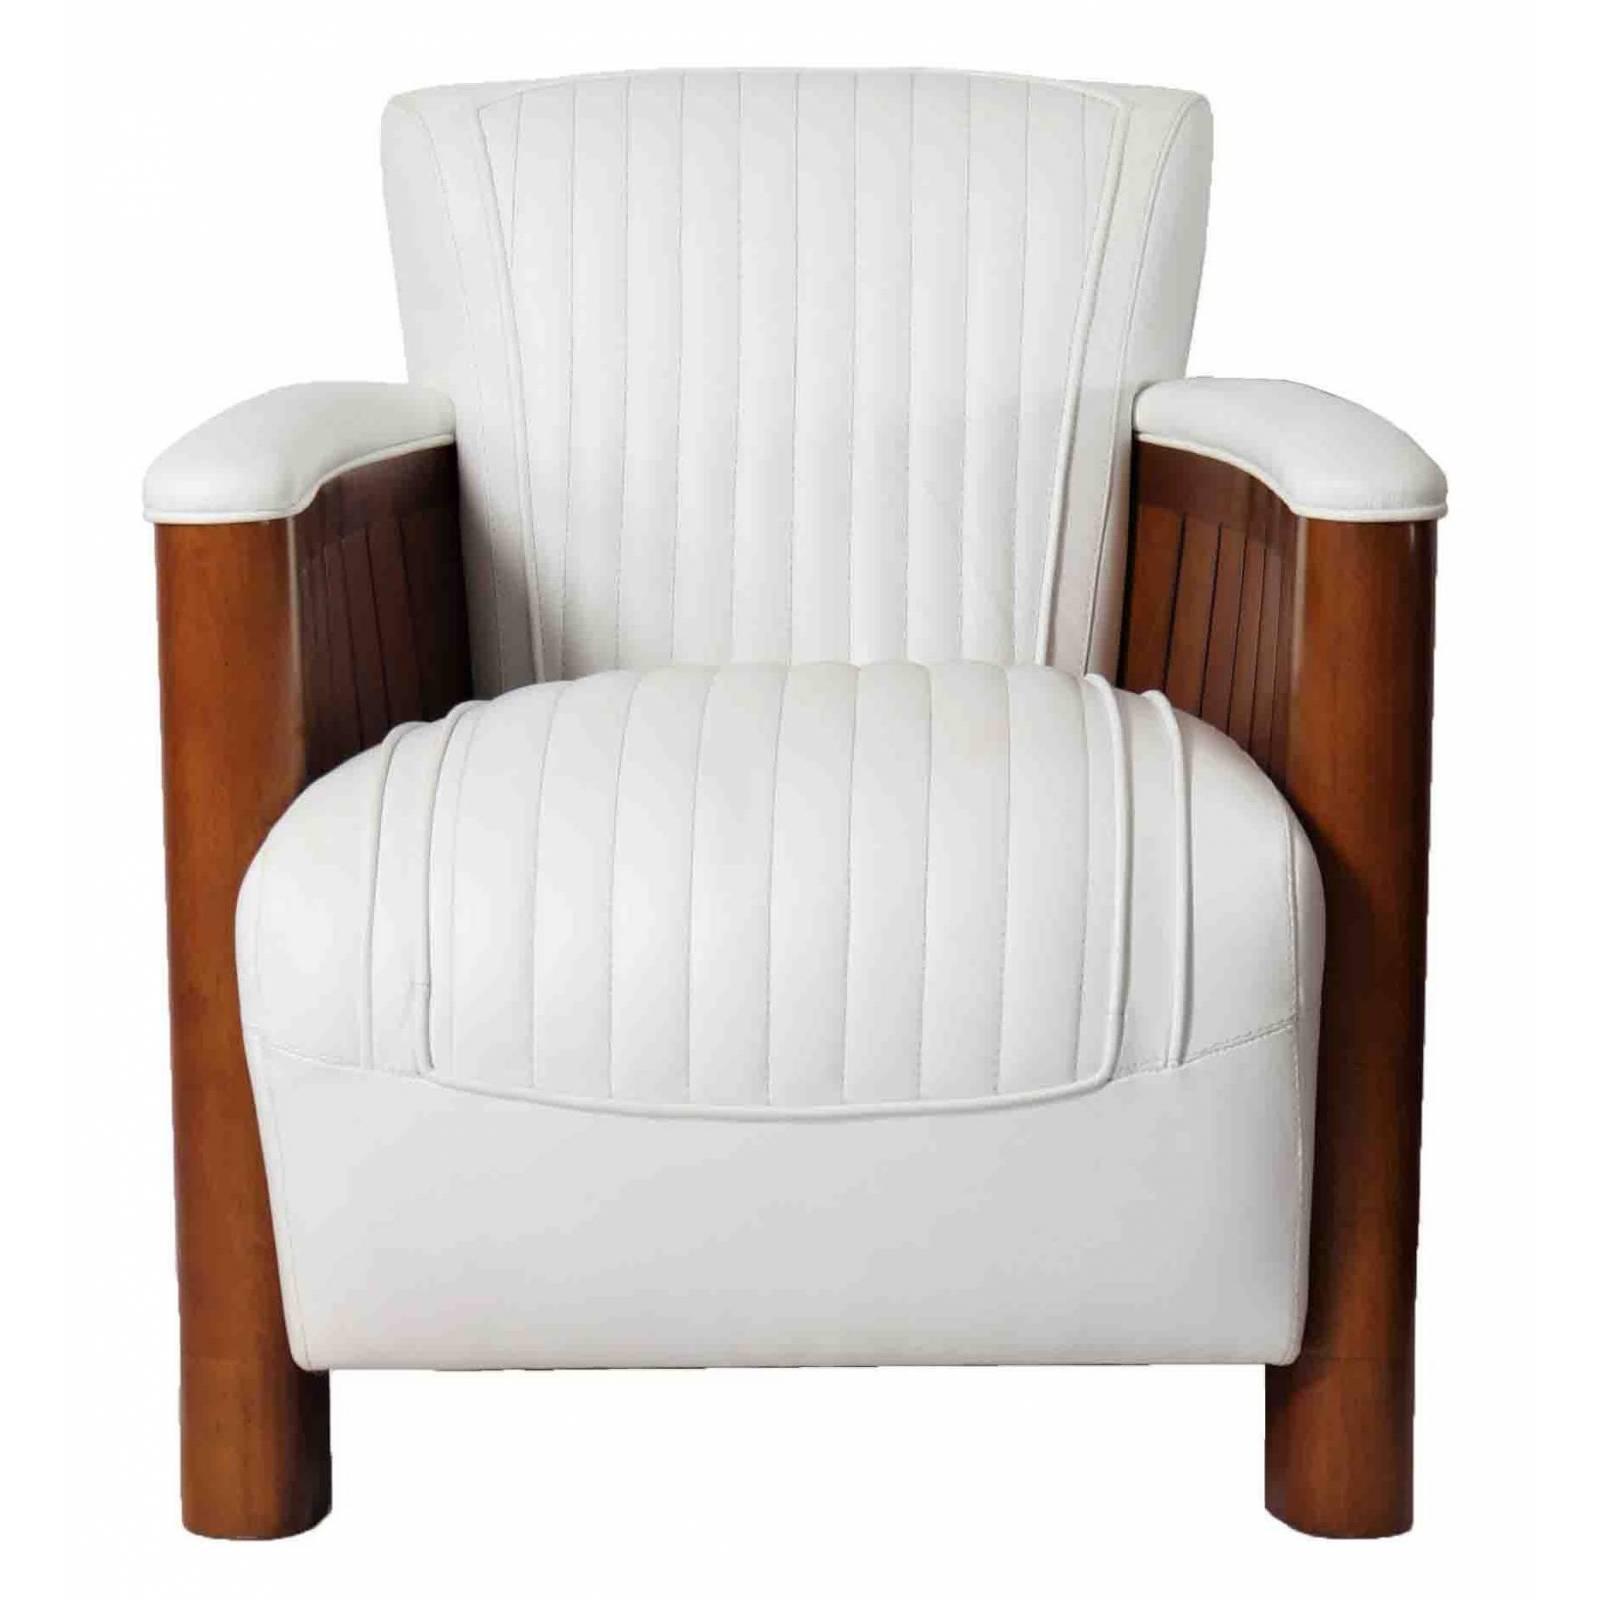 Fauteuil club COGNAC, cuir blanc Mobilier Club Vintage - 23